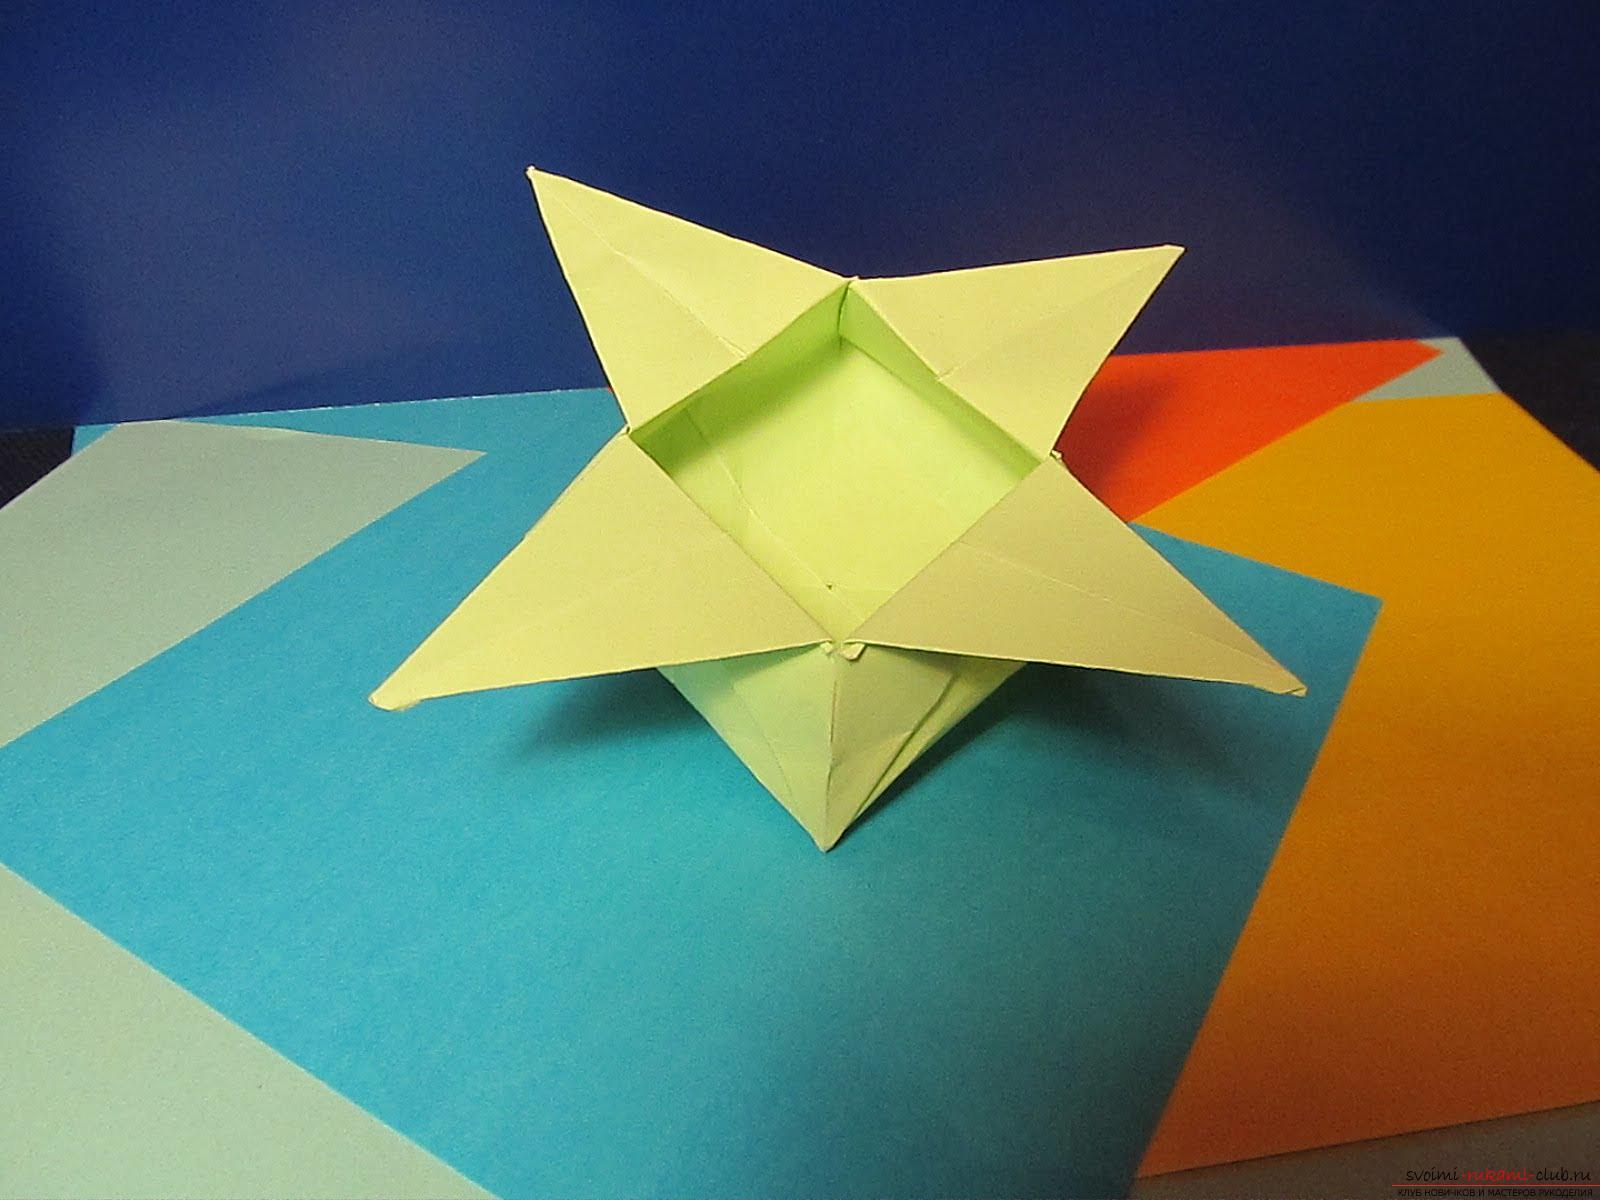 оригами дракон схема для начинающих на русском